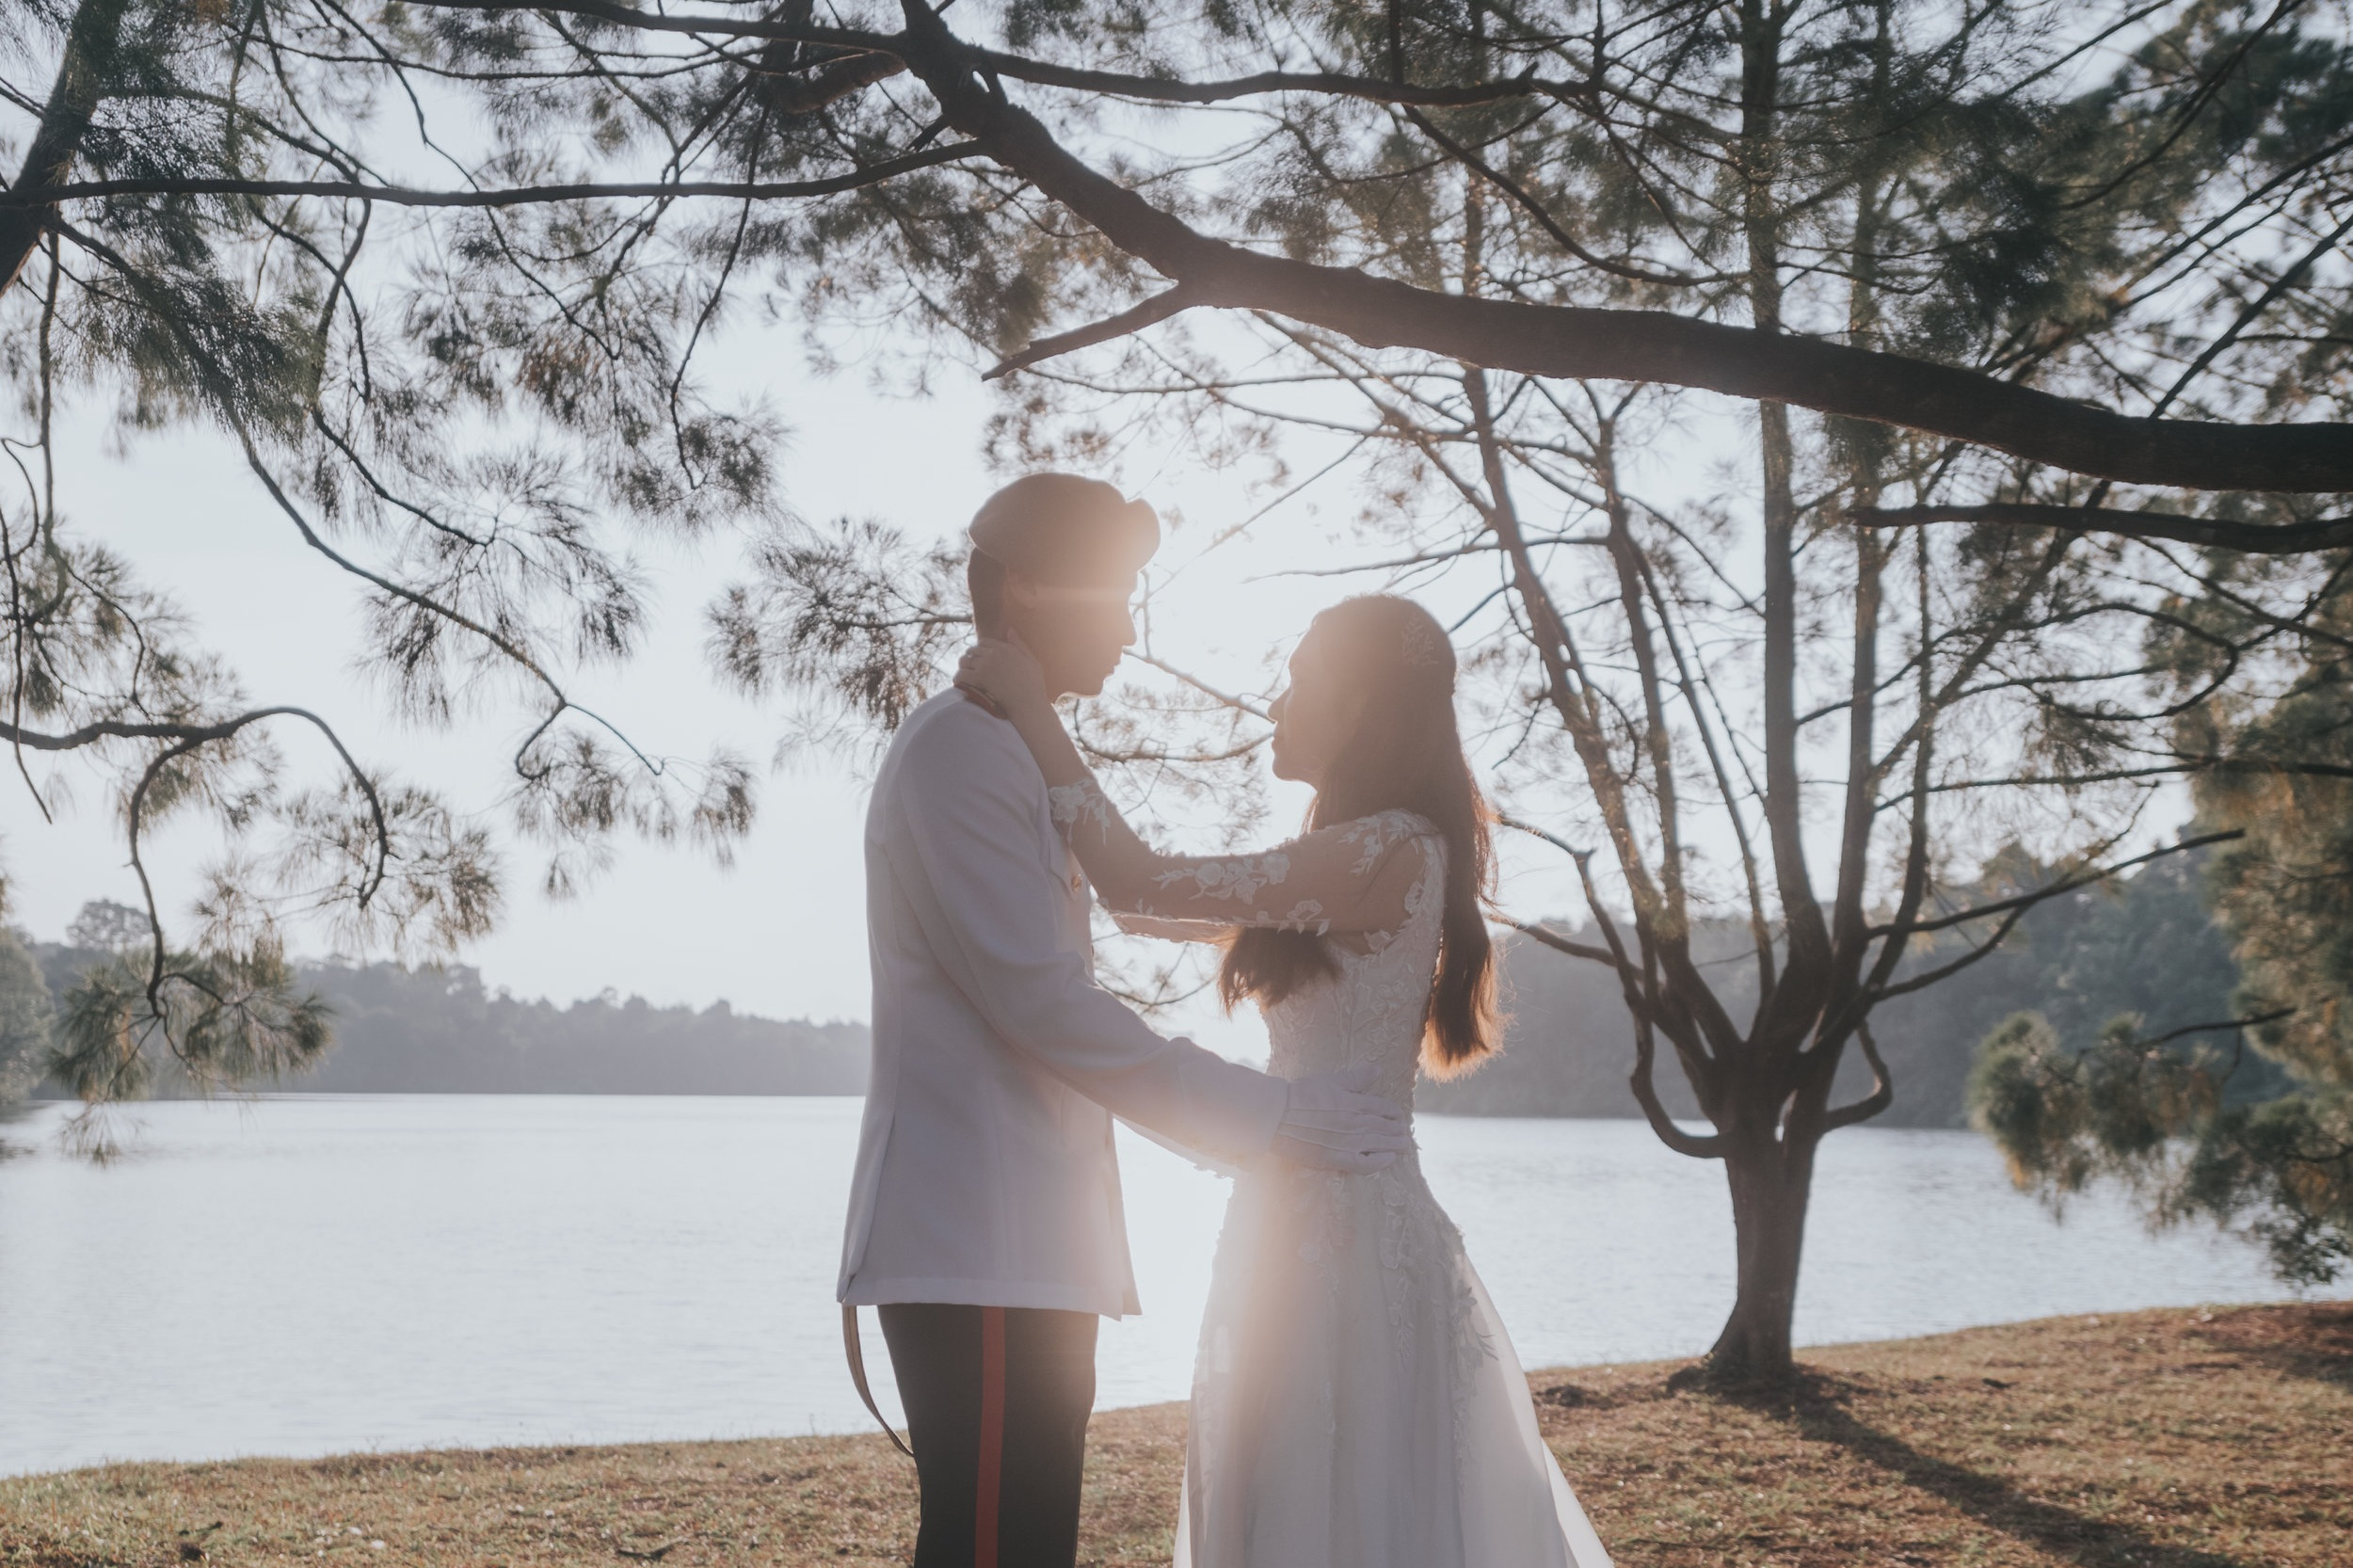 Engagements & Pre-weddings